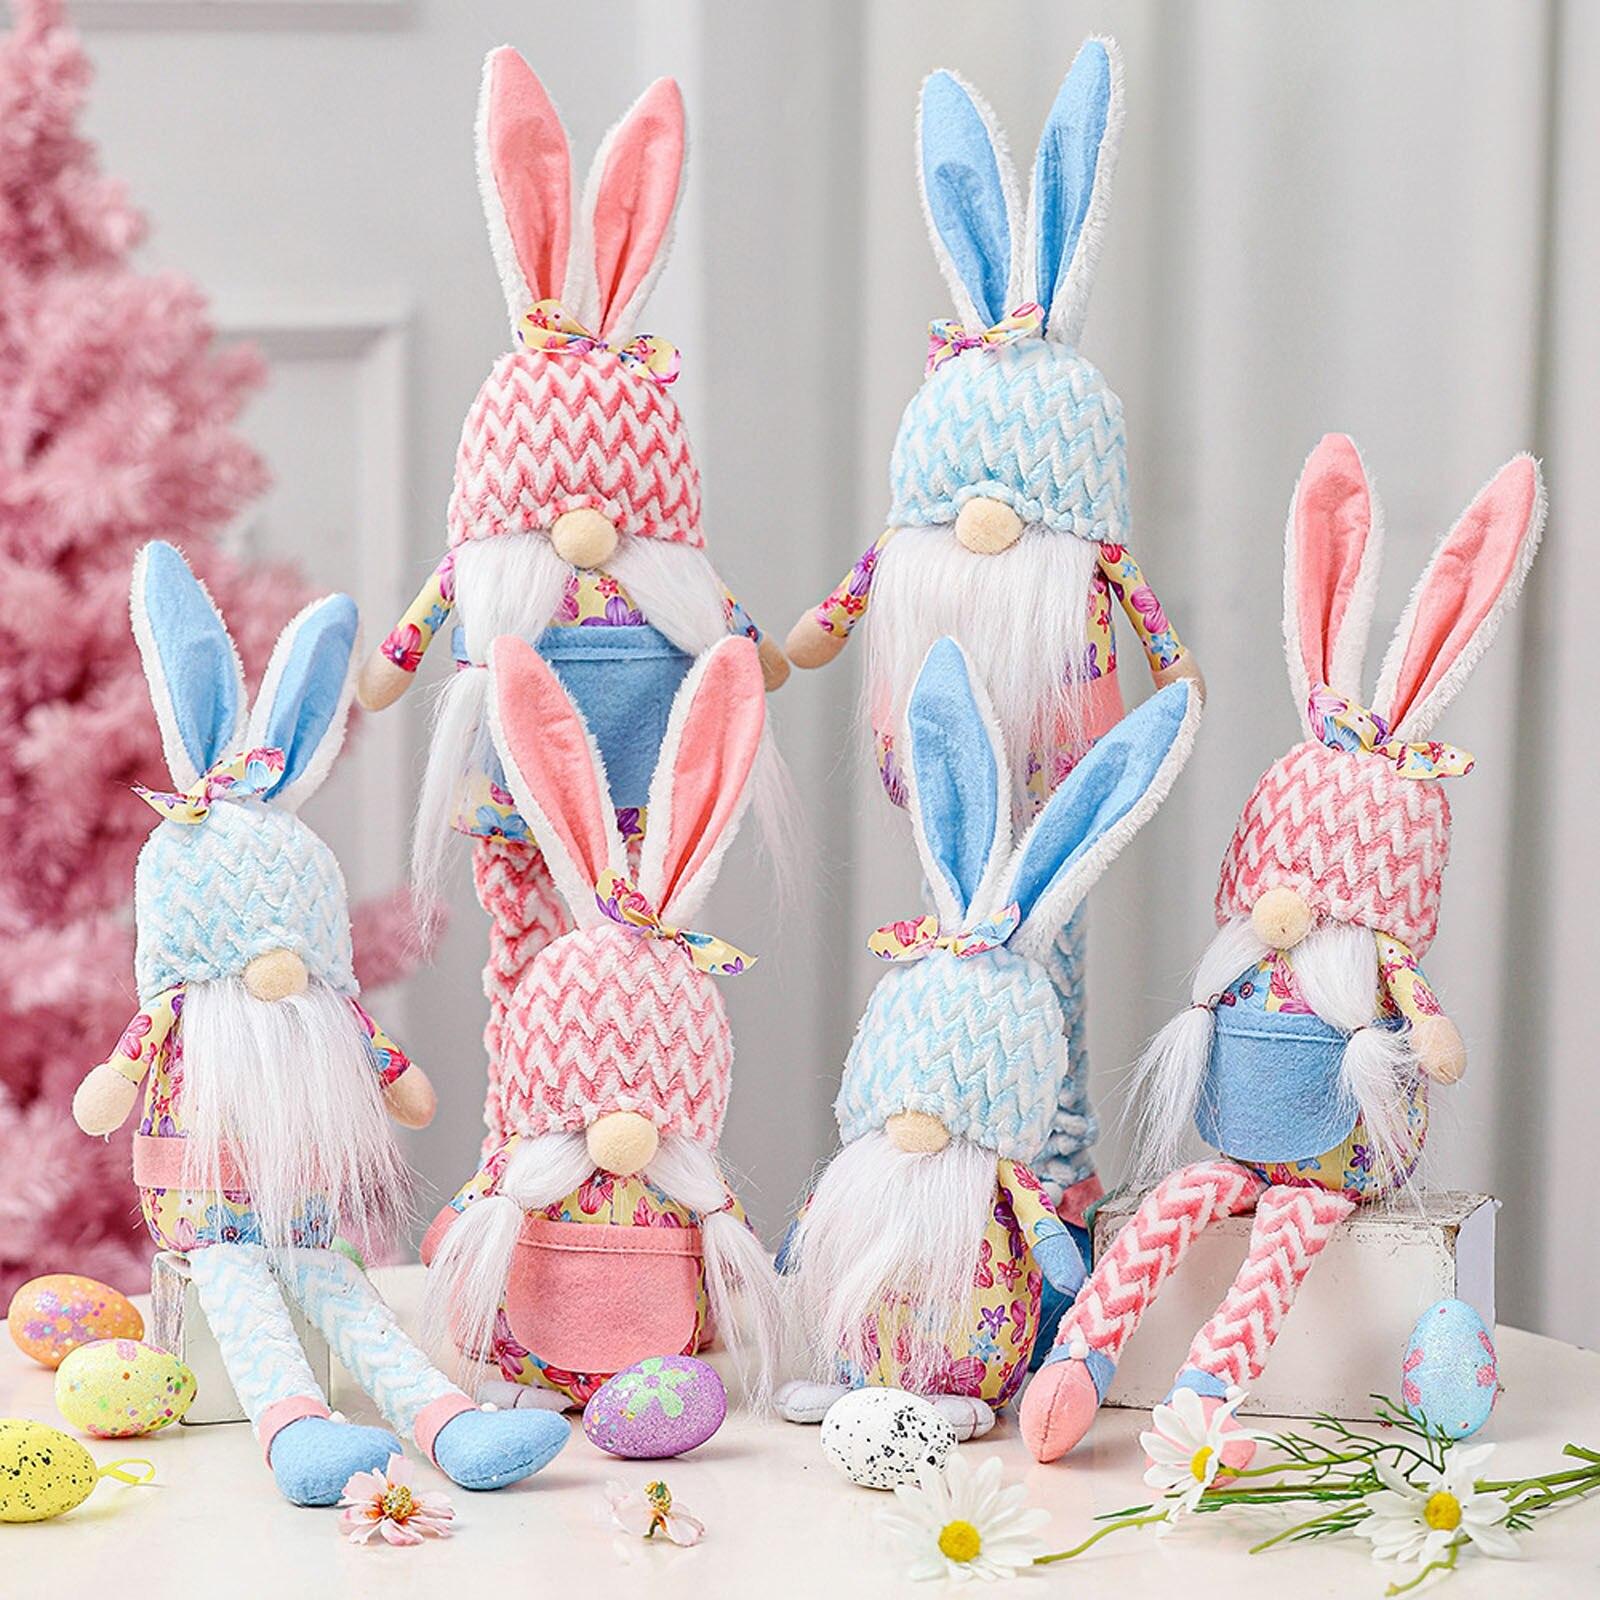 Muñecas de conejito decorativas Para el día de Pascua, decoración de escritorio Para dormitorio y sala de estar, Muñecas de juguete de pie Para Niñas